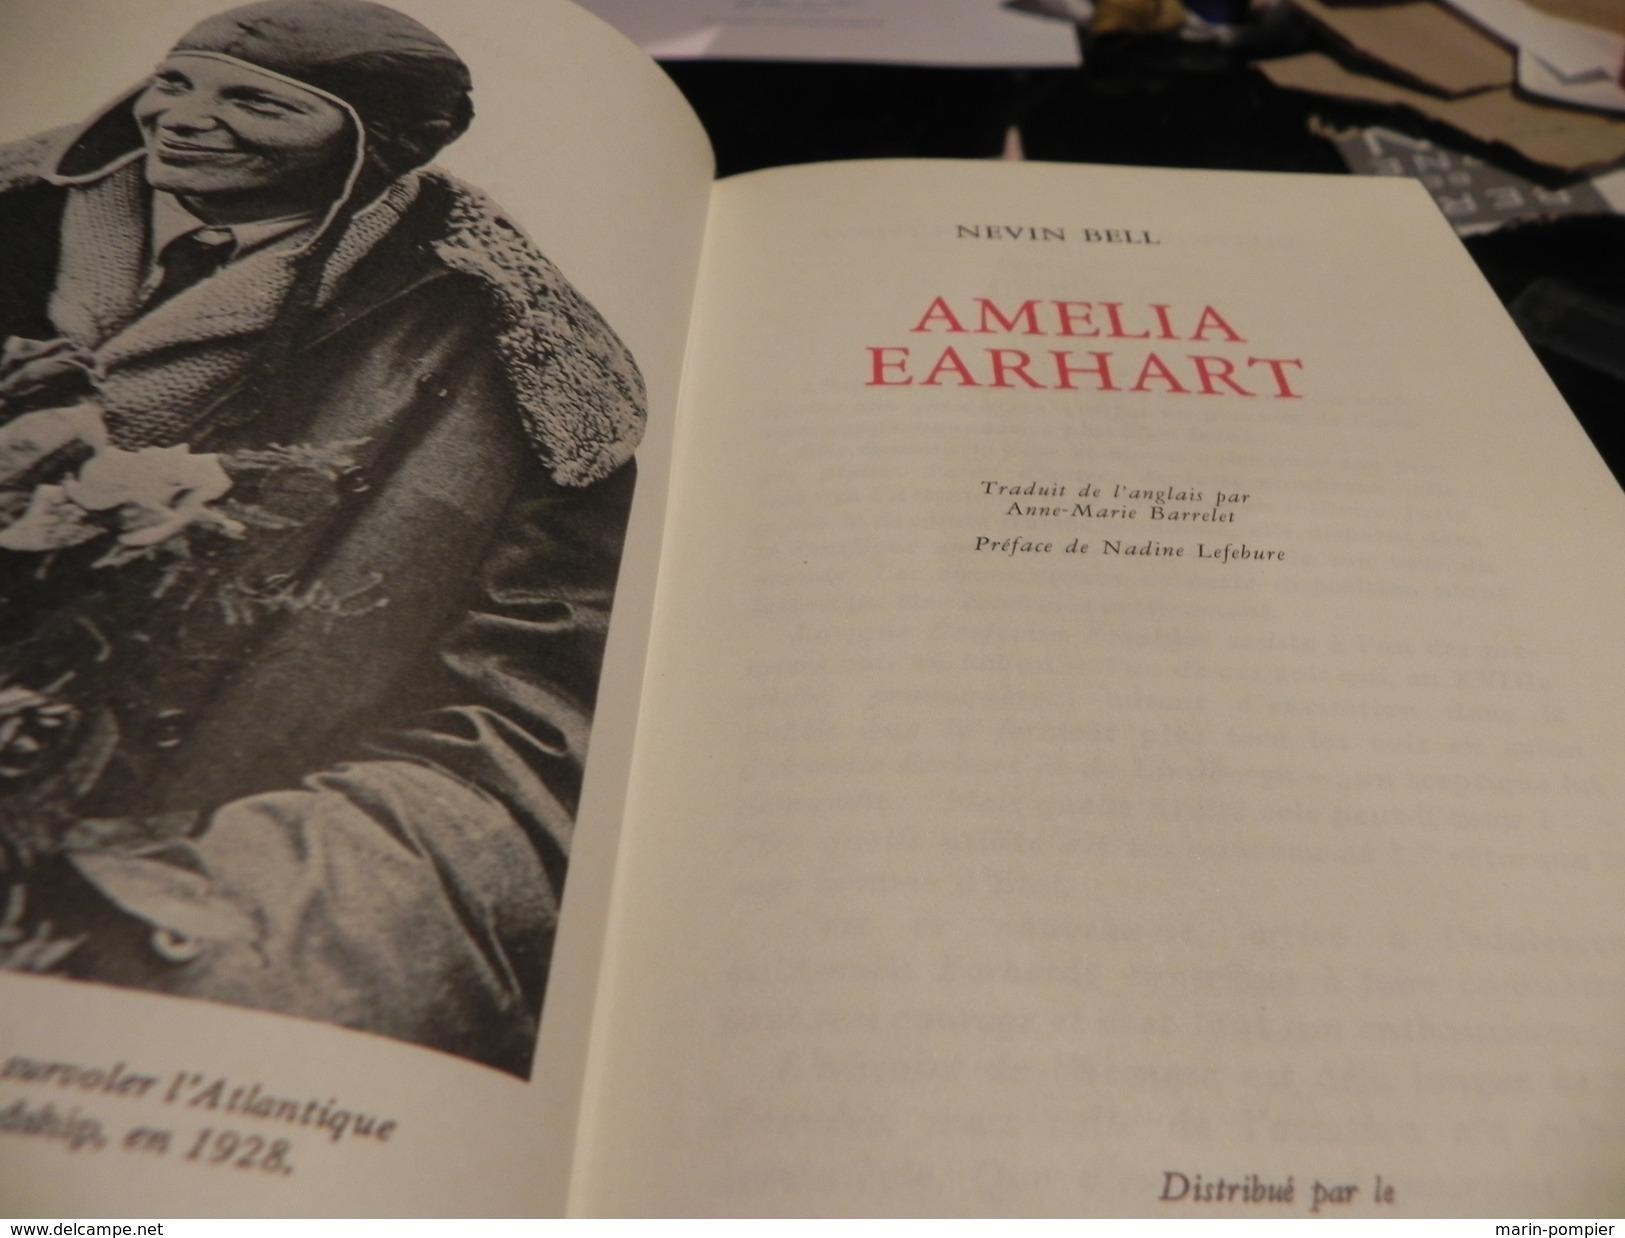 AMELIA EARHART  DE NEVIN BELL - Biografía